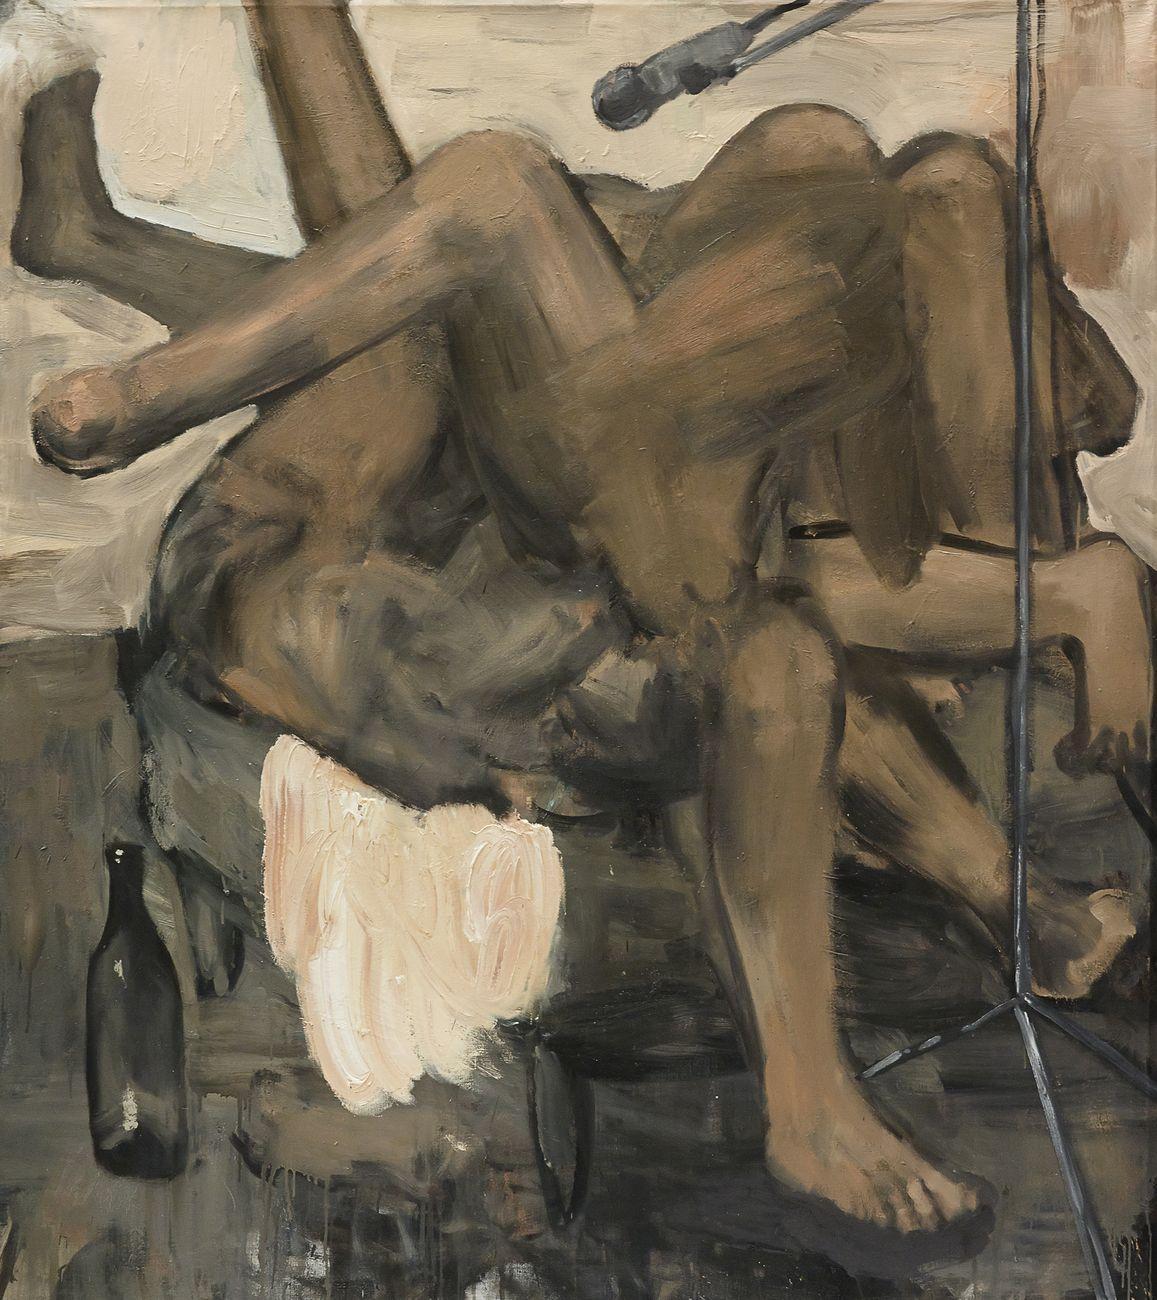 Michele Bubacco, Sonata per dodici gambe da camera, 2013, oil on canvas, 160x130 cm. Photo Anna Lott Donadel